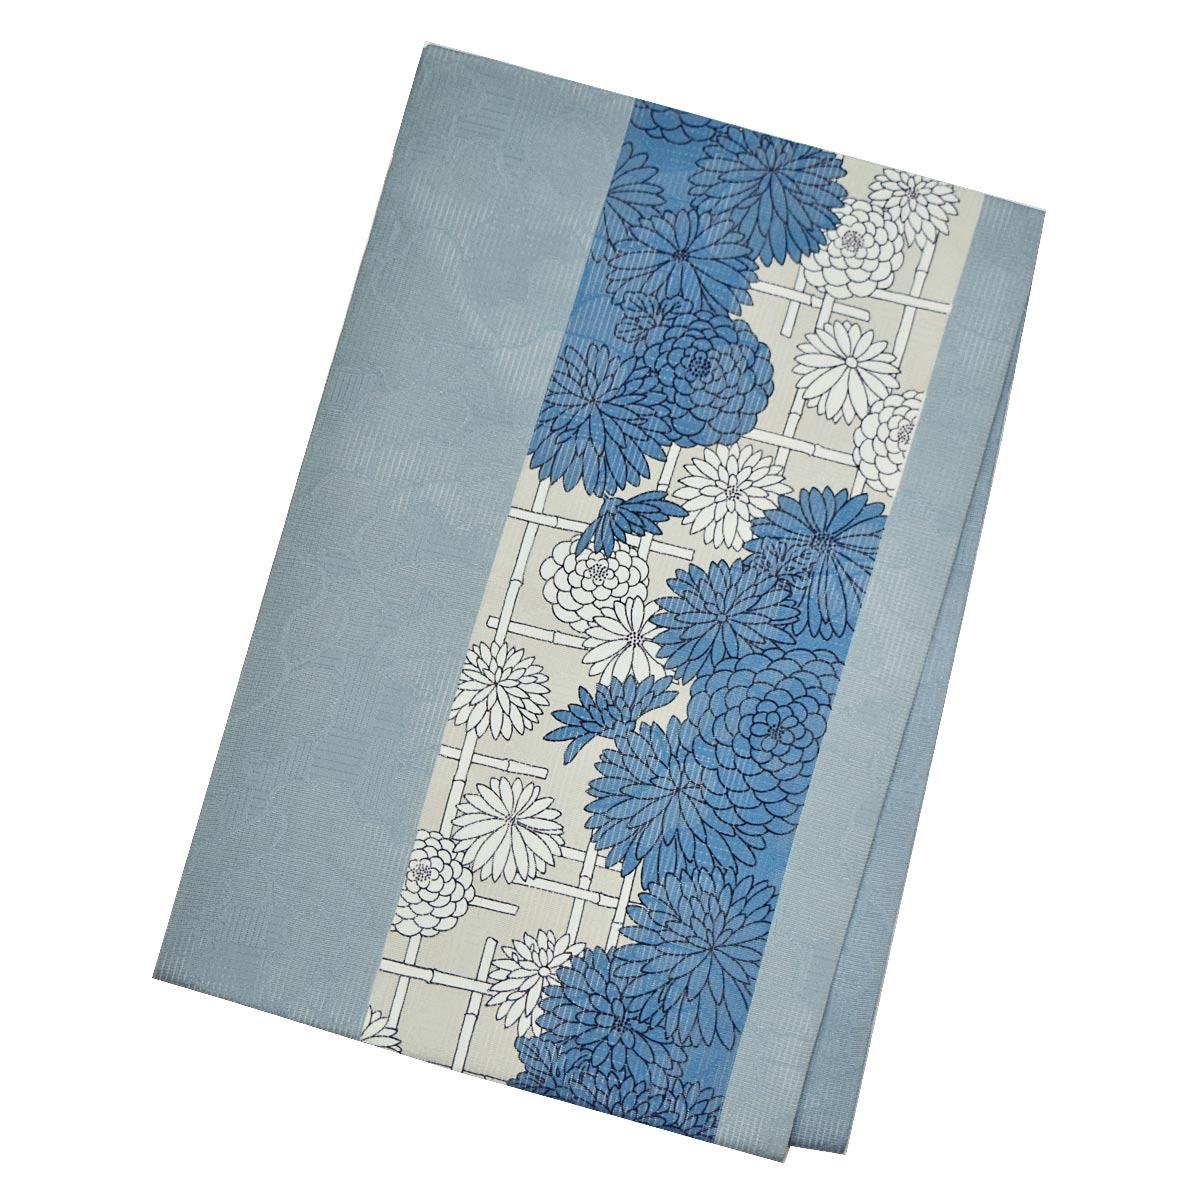 【夏】正絹 夏 仕立て上がり 名古屋帯九寸 着物 レトロ 緑 青 花柄番号d521-6